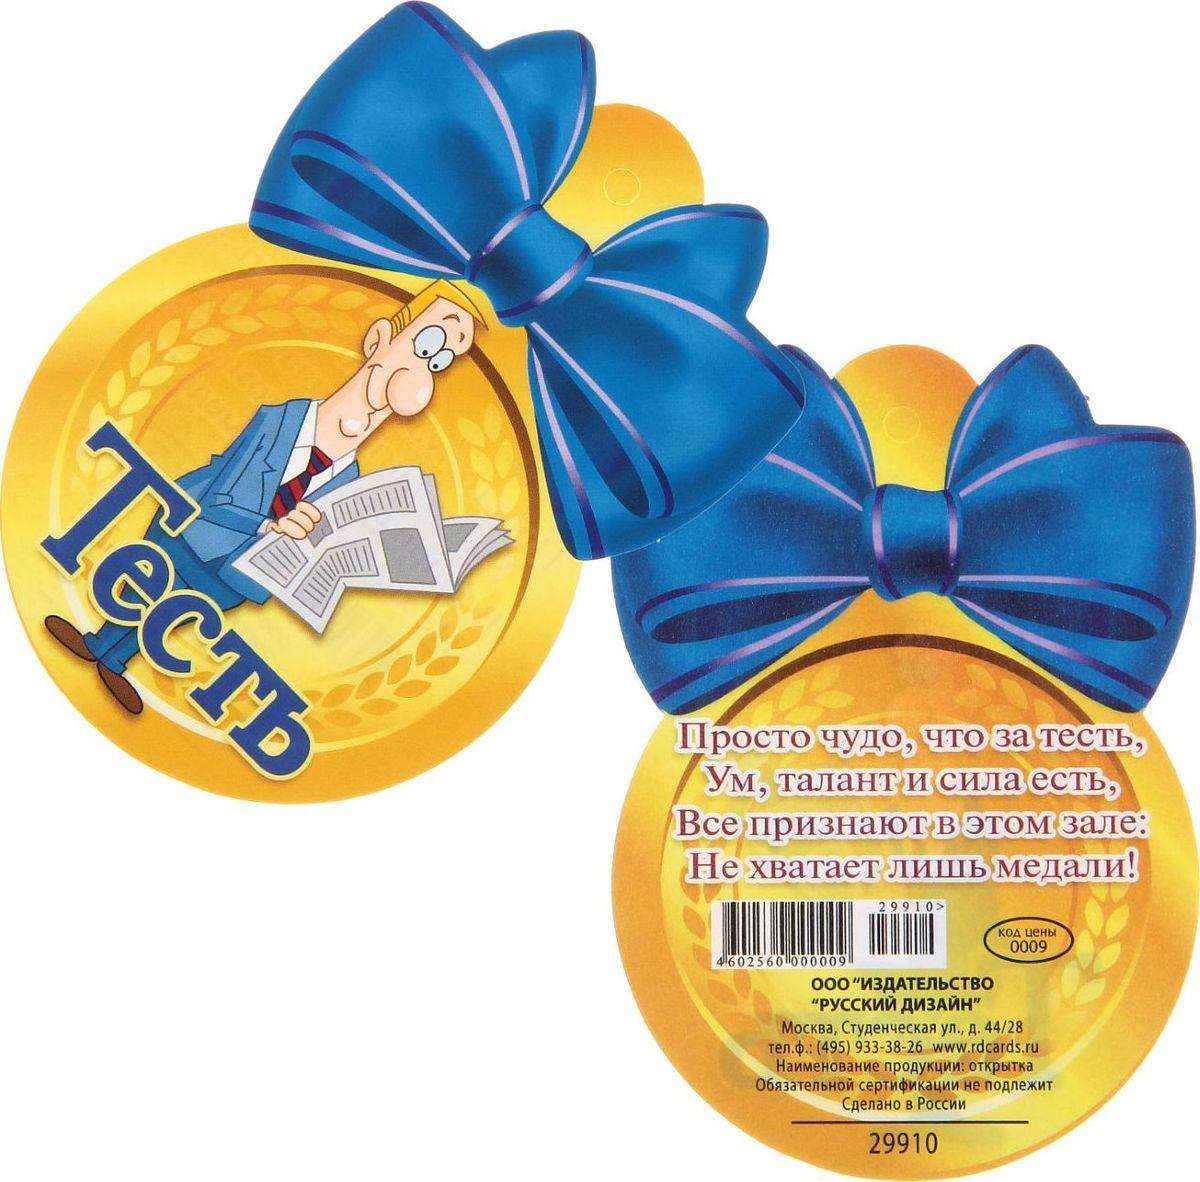 Открытка-медаль сувенирная Русский дизайн Тесть1221993Невозможно представить нашу жизнь без праздников! Мы всегда ждём их и предвкушаем, обдумываем, как проведём памятный день, тщательно выбираем подарки и аксессуары, ведь именно они создают и поддерживают торжественный настрой. Это отличный выбор, который привнесёт атмосферу праздника в ваш дом!